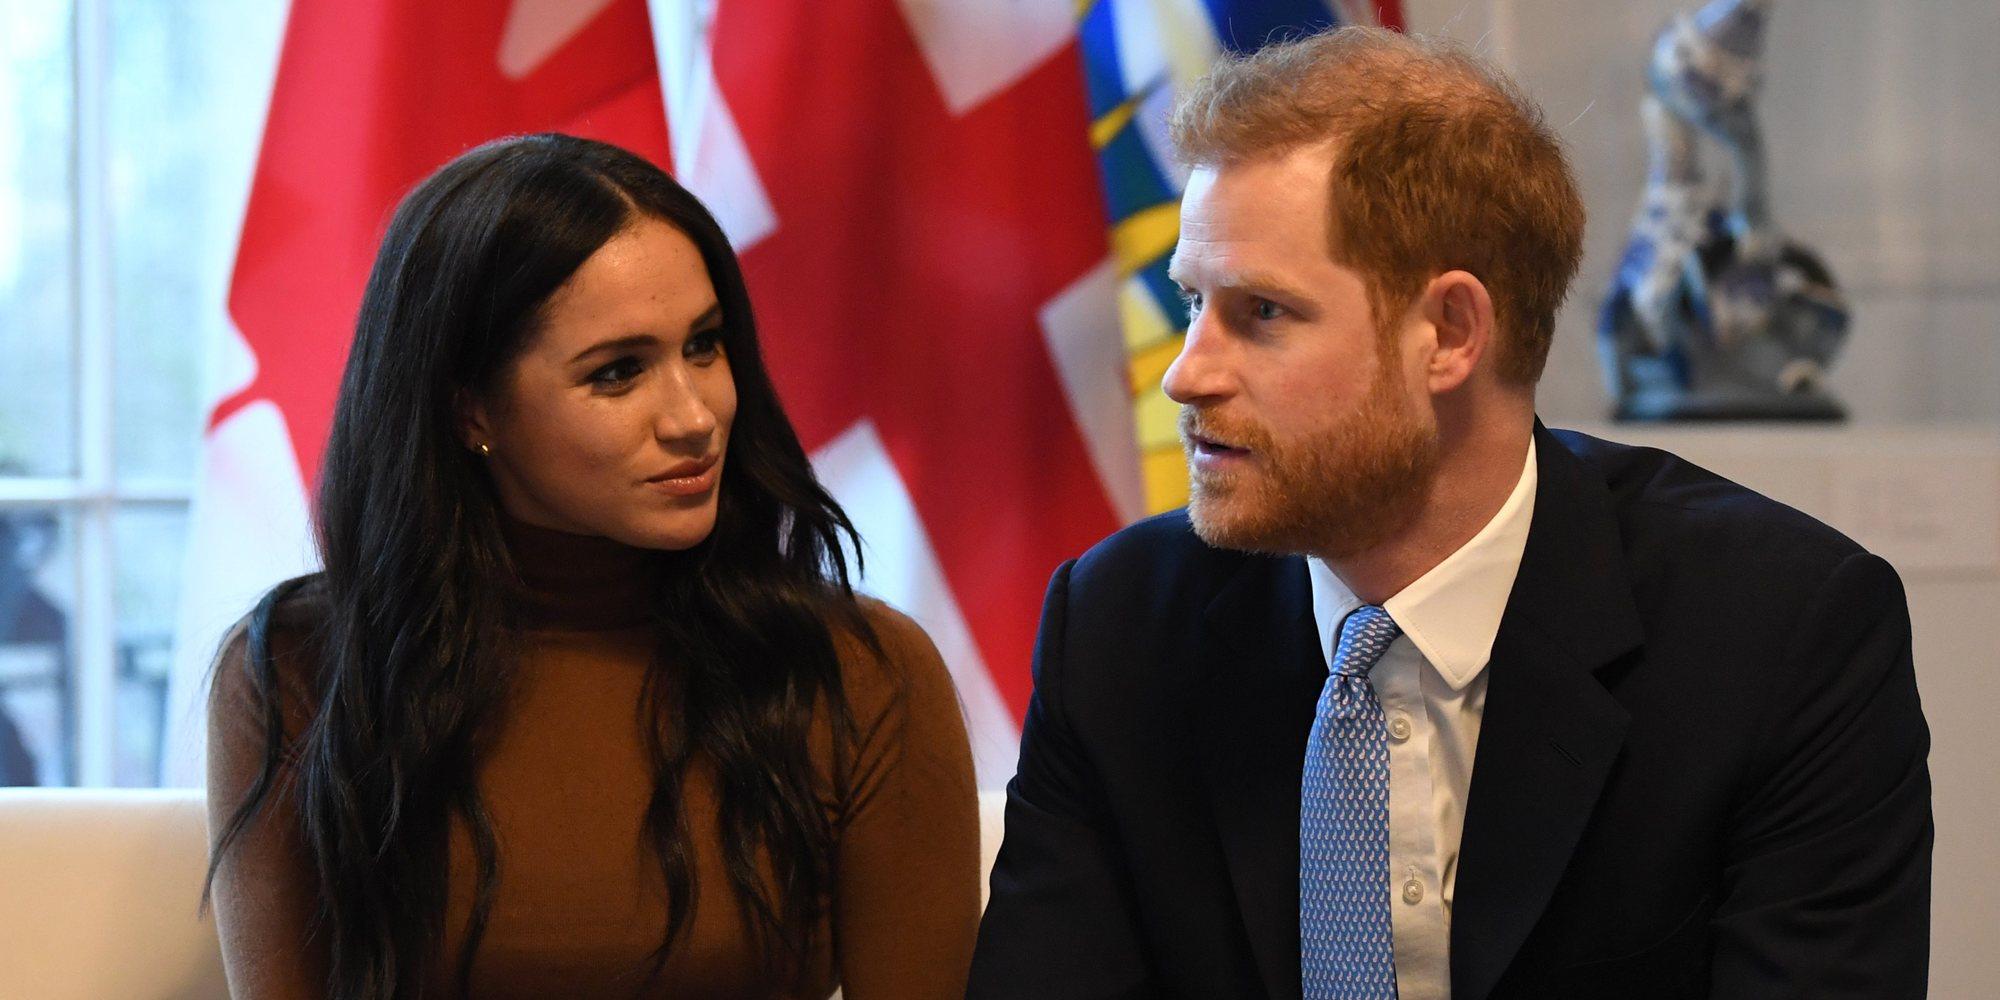 Artículos de opinión, entrevistas... Así son los nuevos proyectos del Príncipe Harry y Meghan Markle